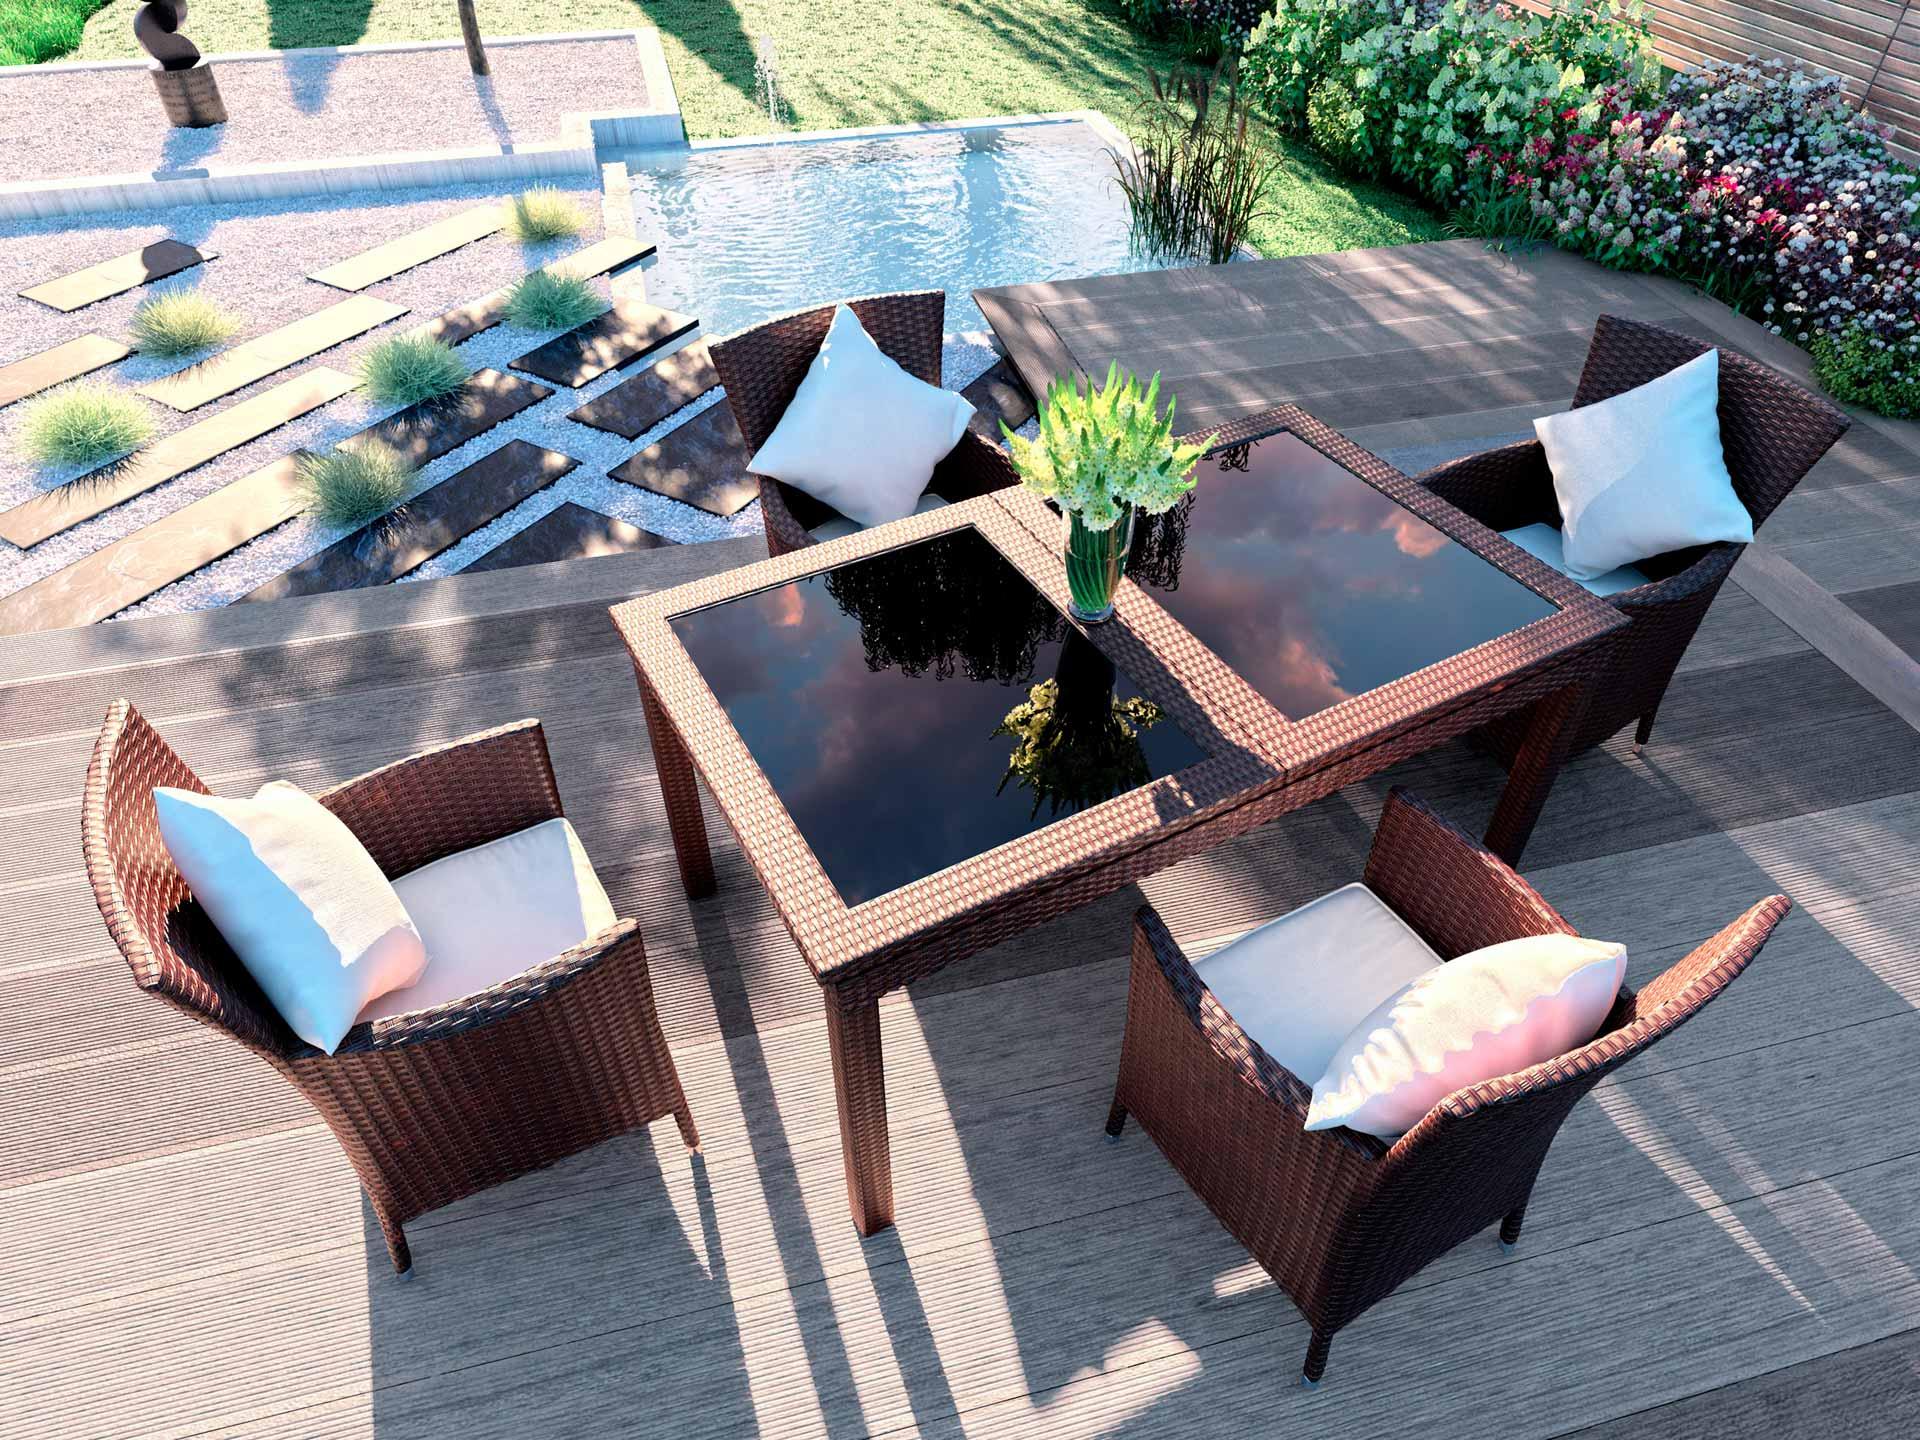 artelia jetzt rattan essgruppe ceresia m g nstig online kaufen. Black Bedroom Furniture Sets. Home Design Ideas